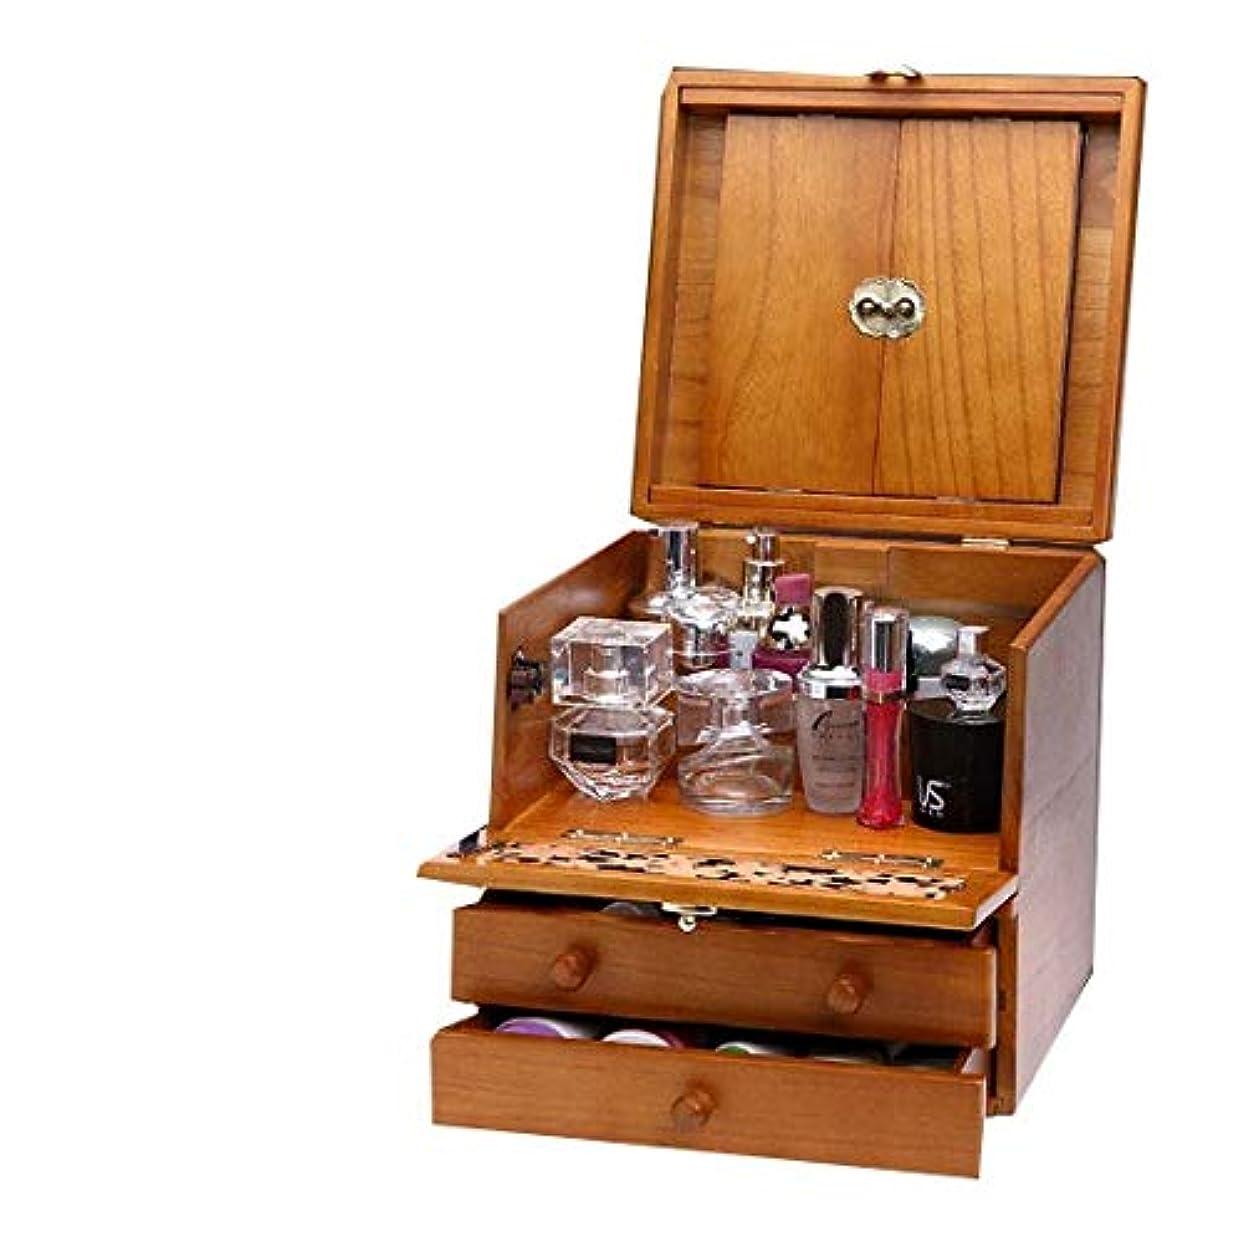 効率的にバタフライルール化粧箱、3層レトロ木製彫刻化粧ケース付きミラー、ハイエンドのウェディングギフト、新築祝いのギフト、美容ネイルジュエリー収納ボックス